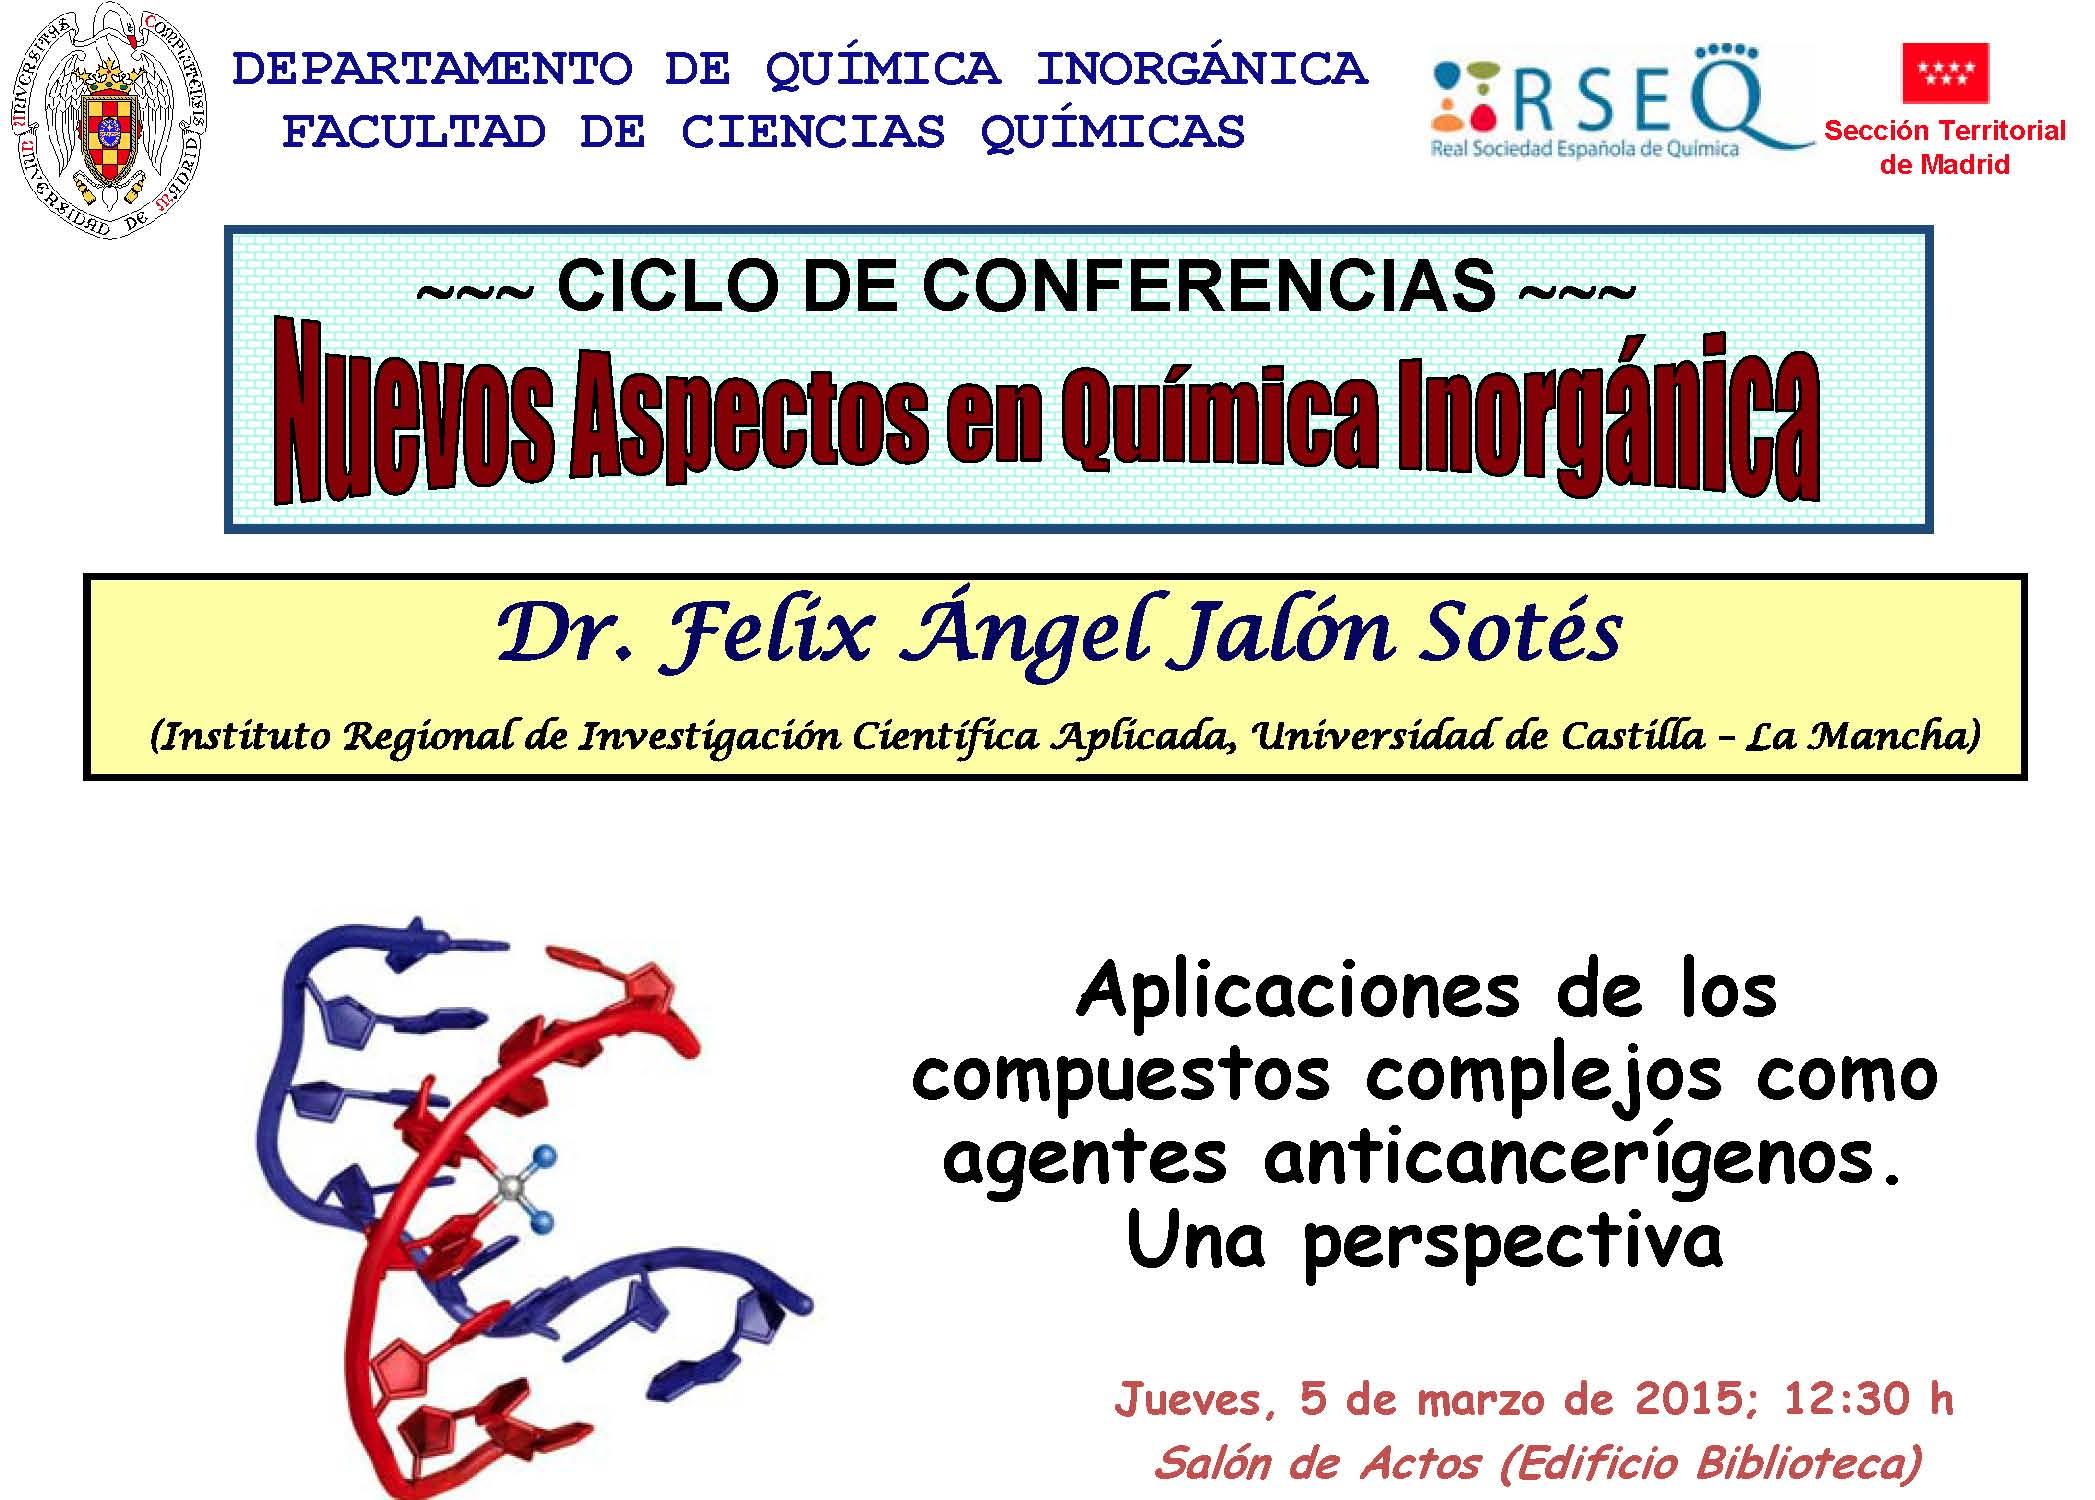 Aplicaciones compuestos 3ª conferencia